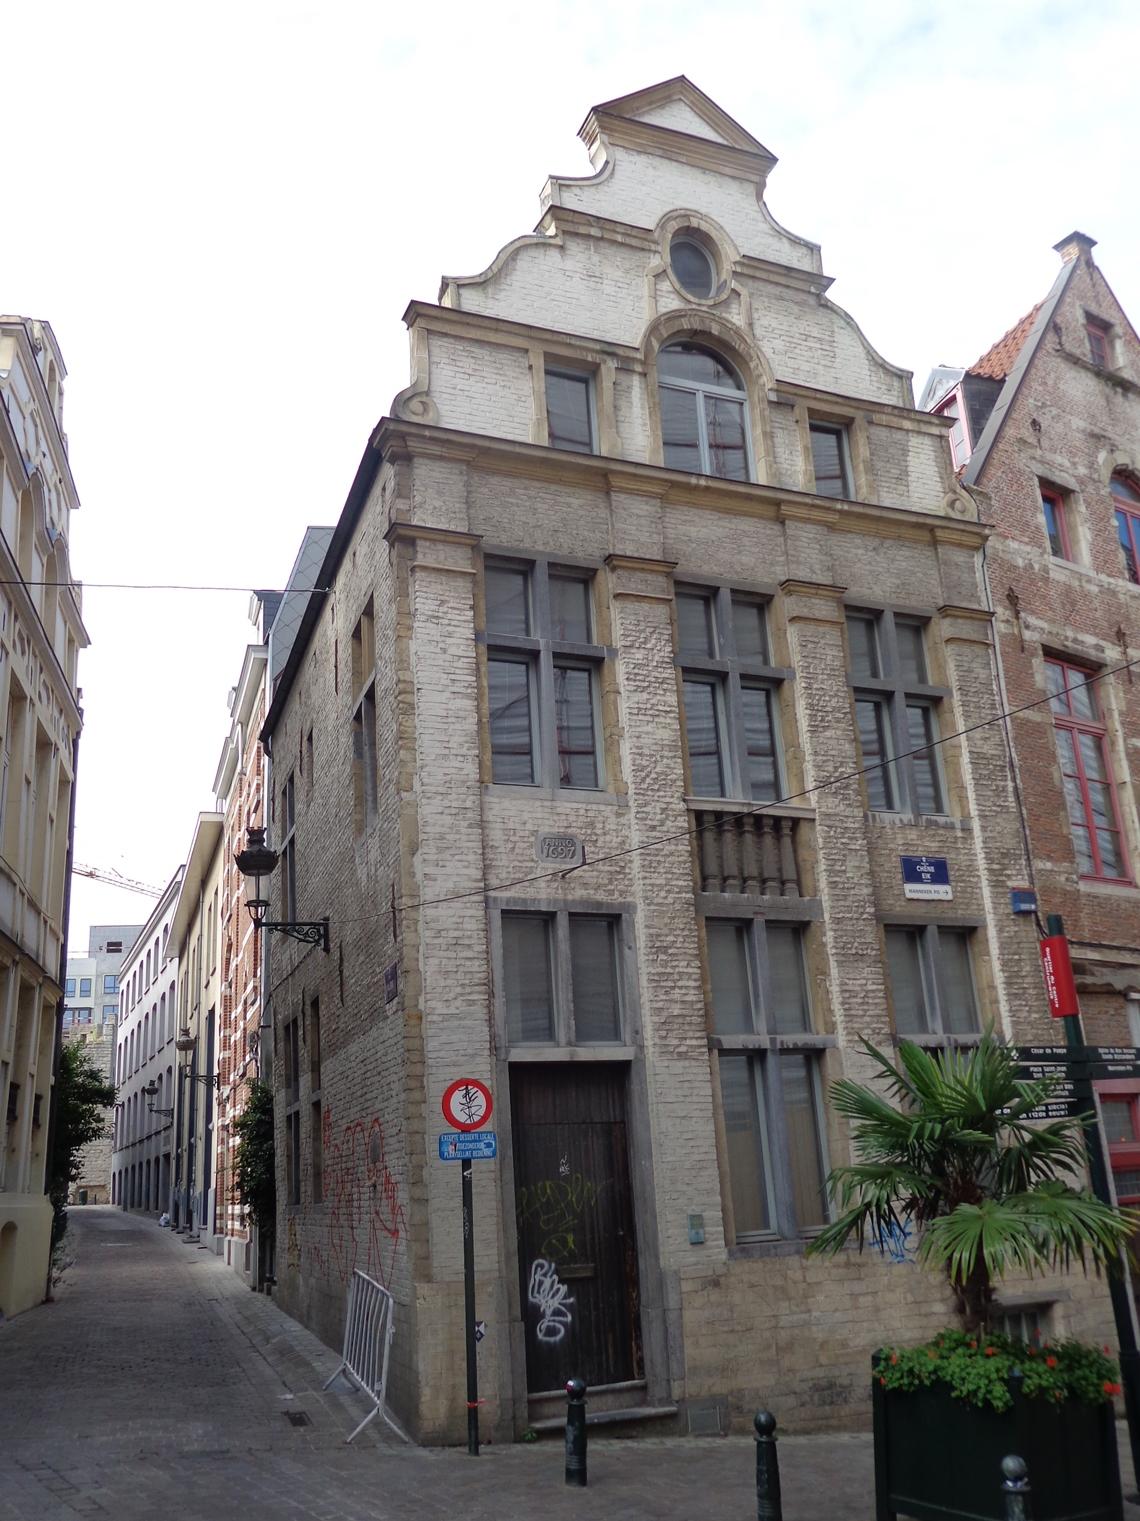 Eikstraat 27, Huis Schott of voormalige herberg Saint-Jean-Baptiste, 2015